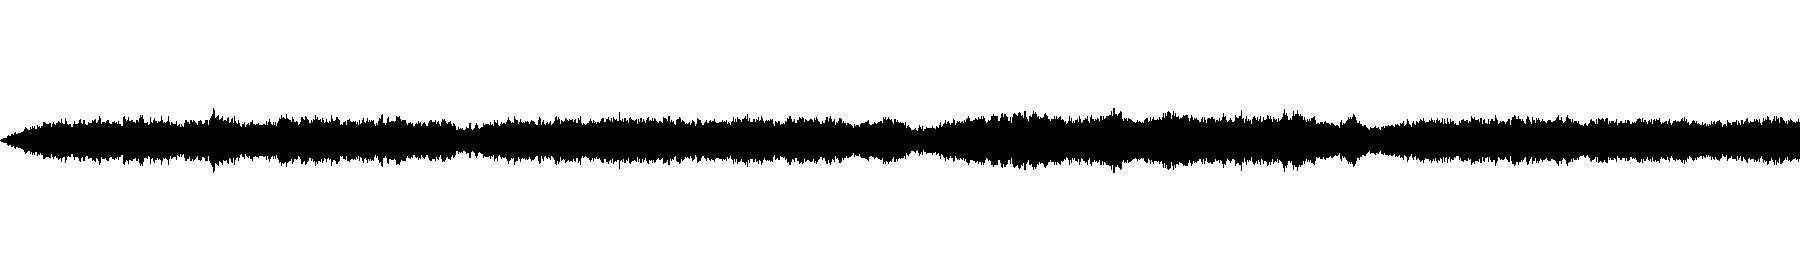 melody 12bpm95keyg